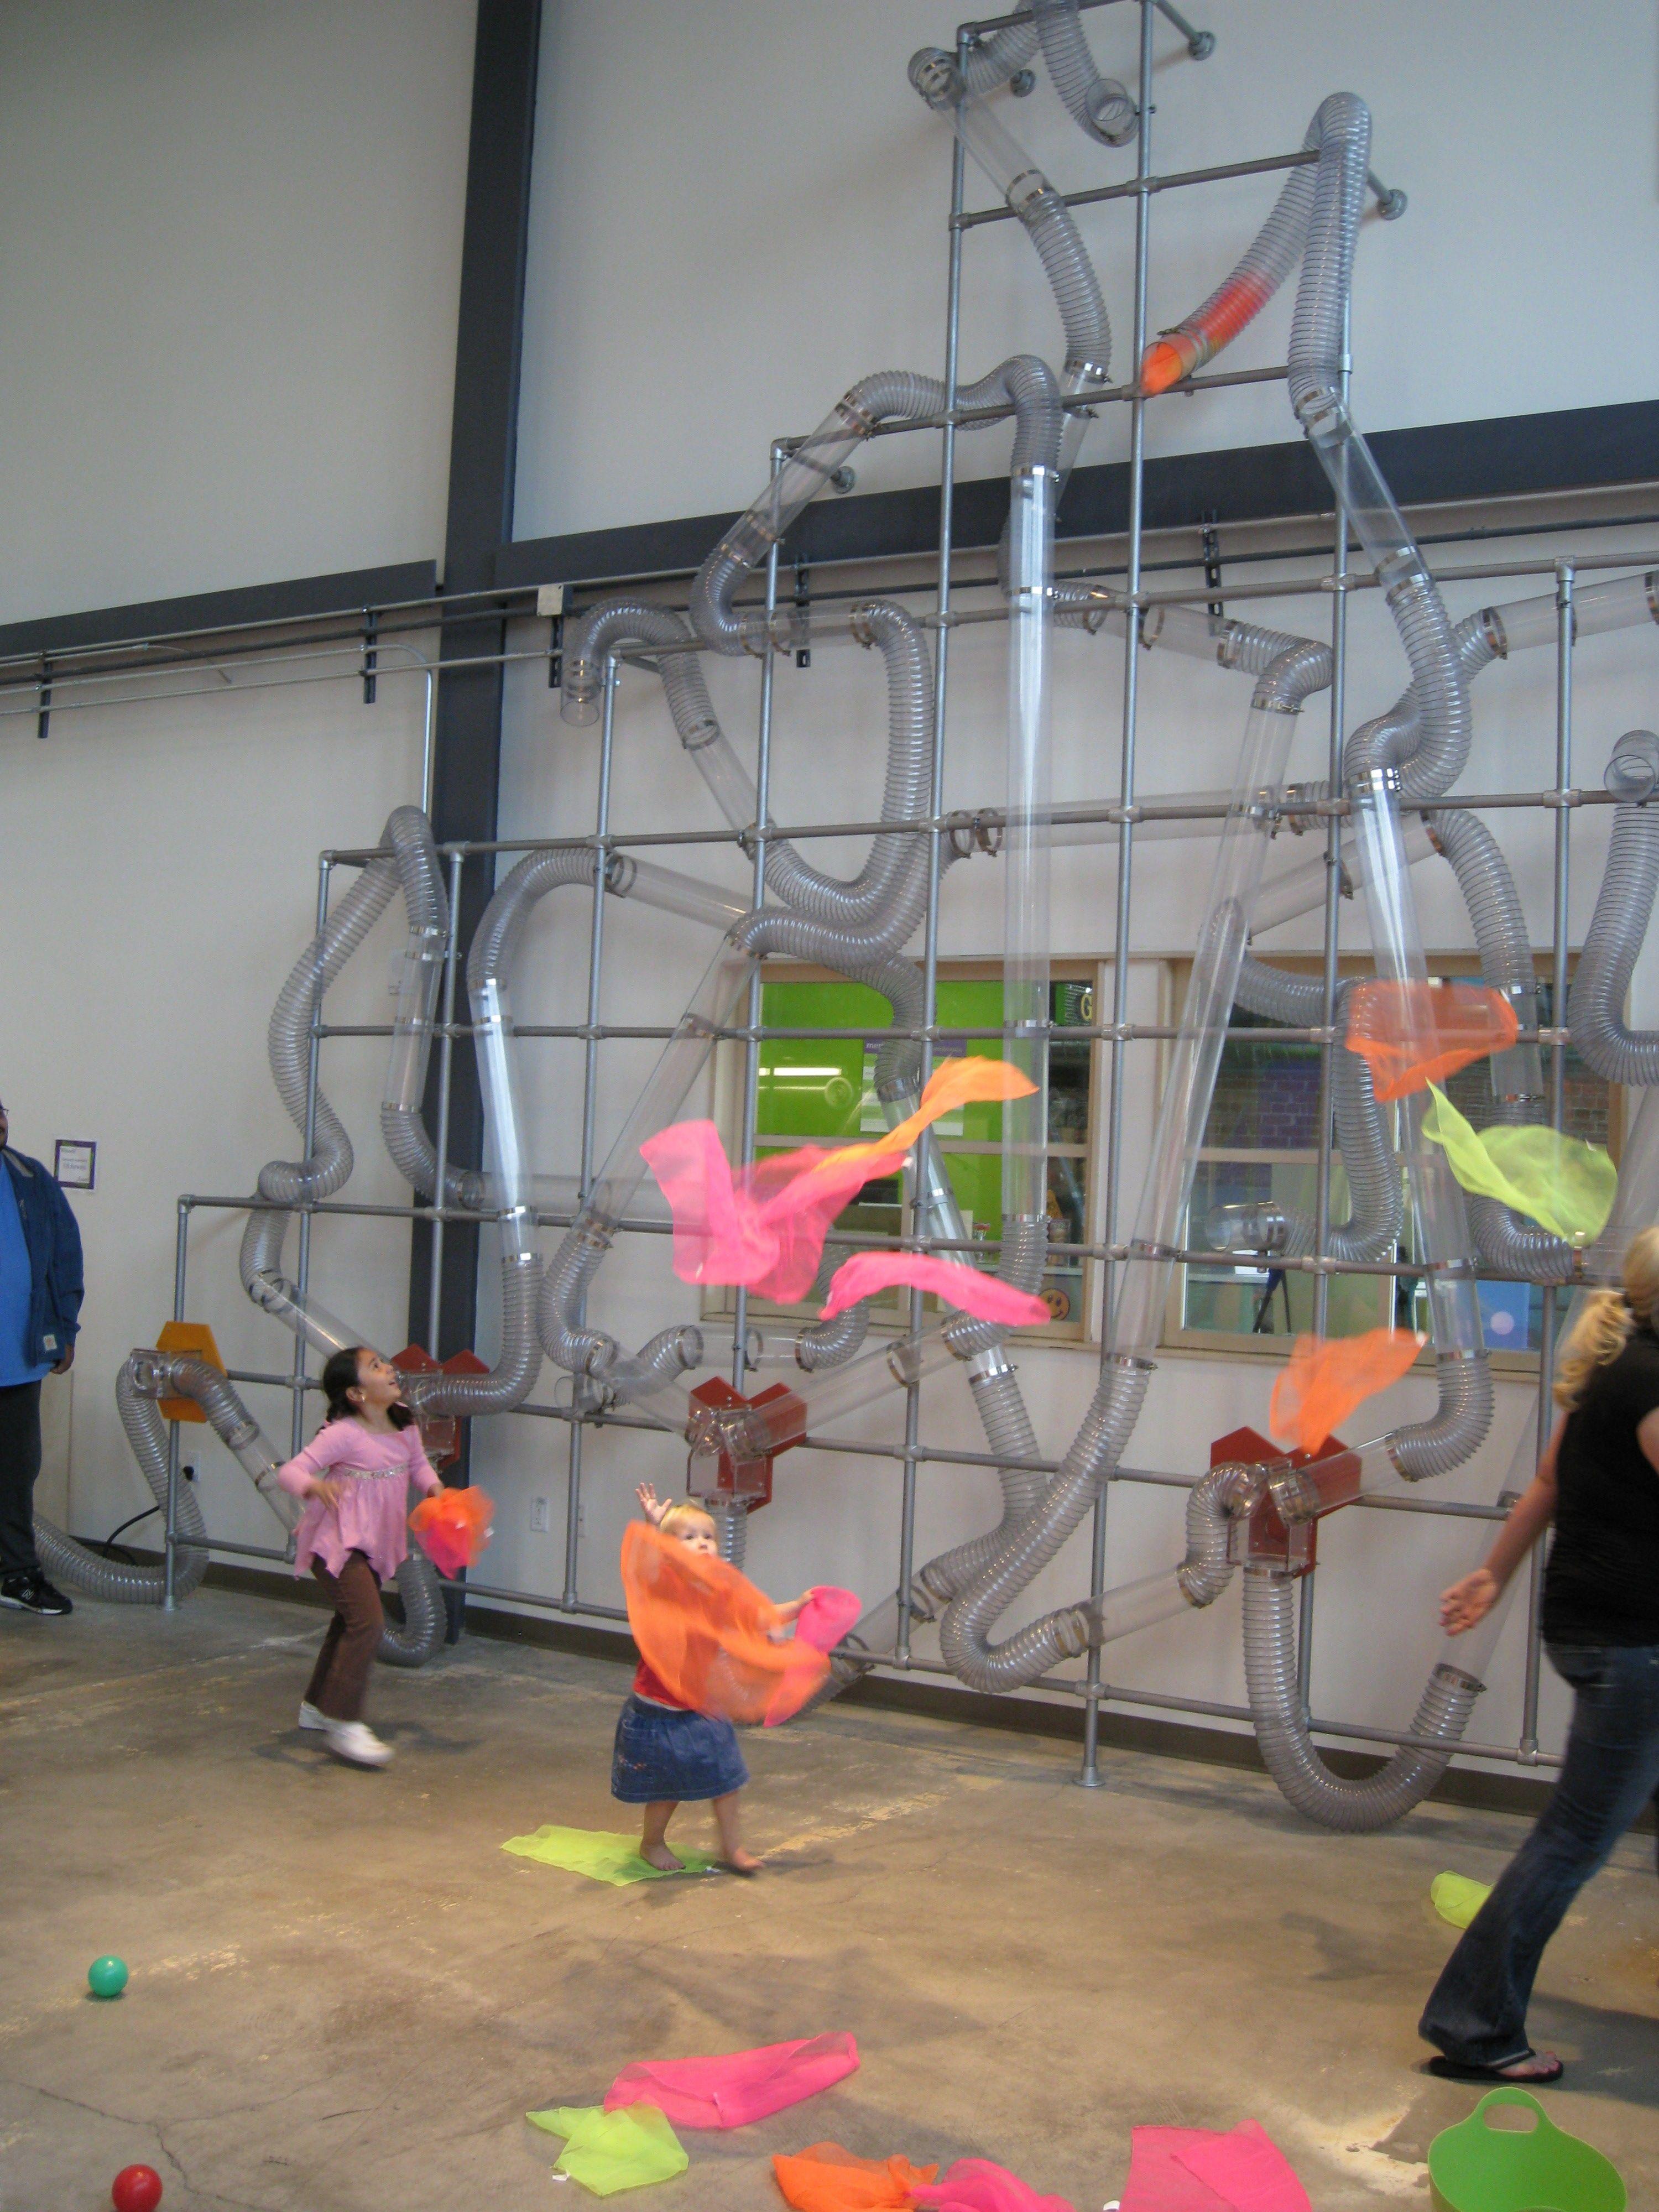 Children S Museum Of Phoenix Whoosh Exhibit Air Transparent Tubes And Bright Scarfs Children Museum Exhibits Childrens Museum Exhibits Childrens Museum